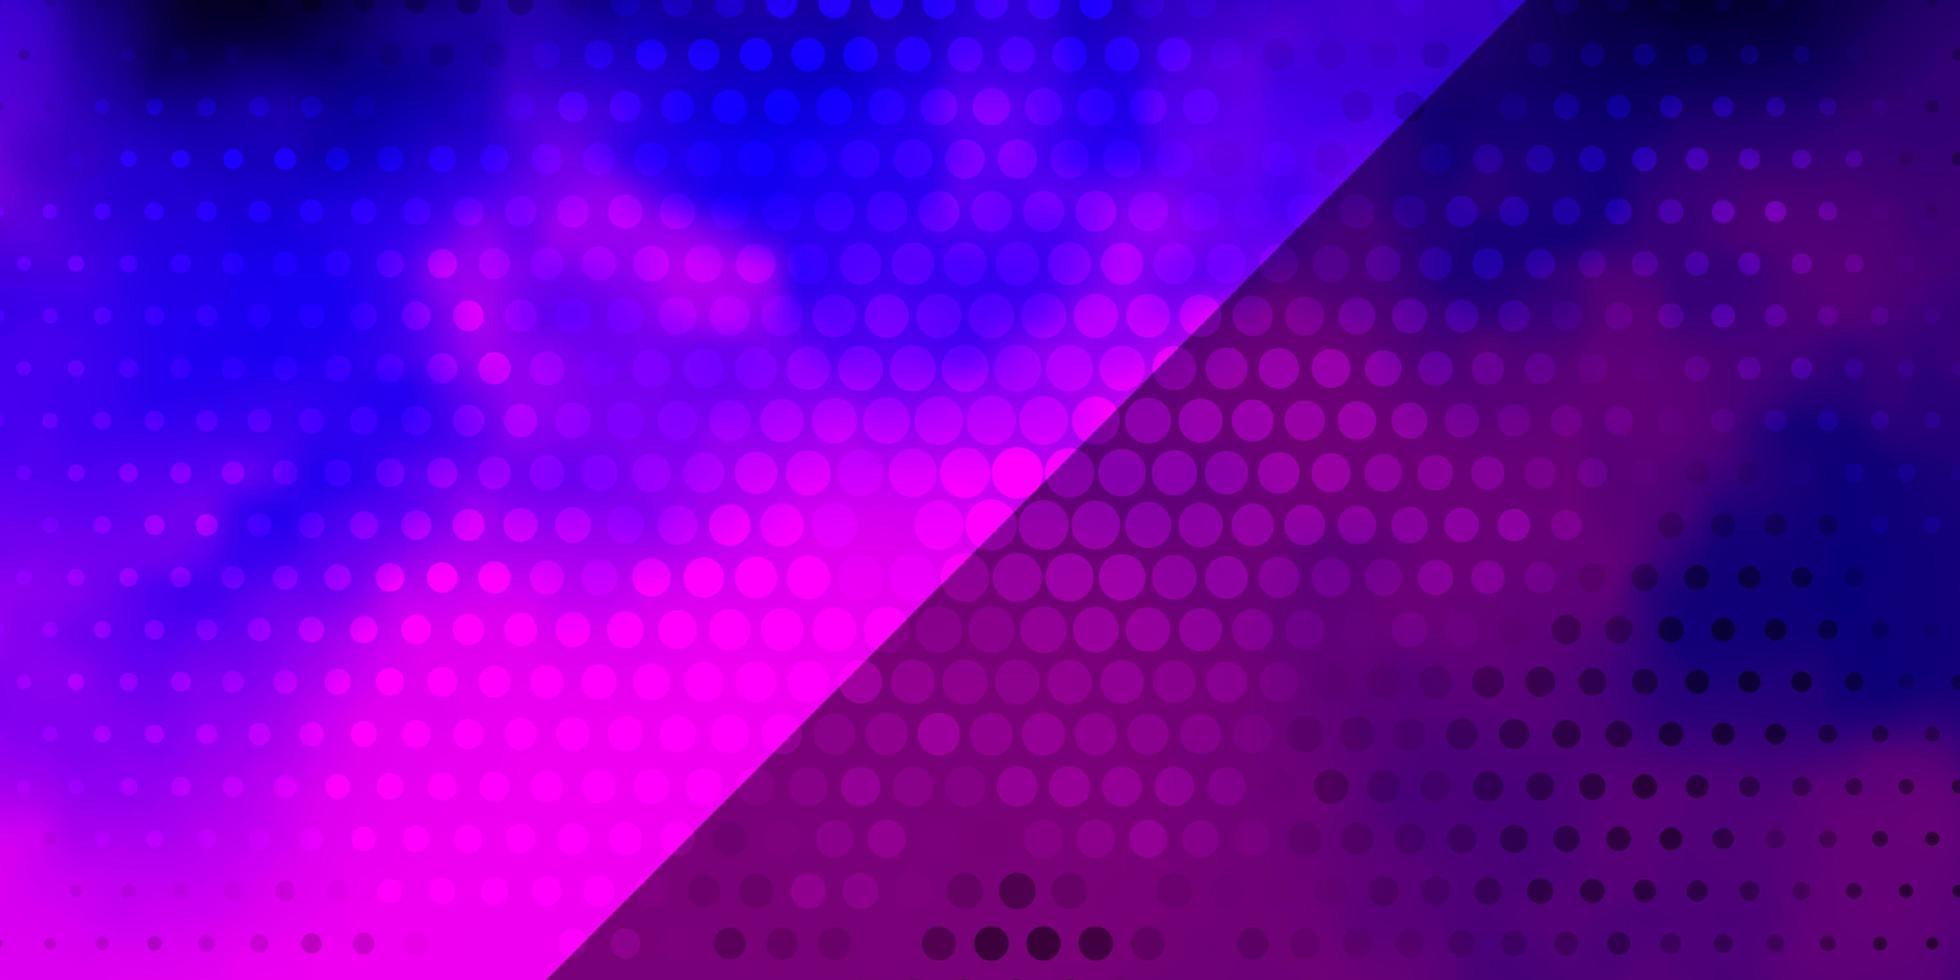 hellviolettes, rosa Vektorlayout mit Kreisen. vektor